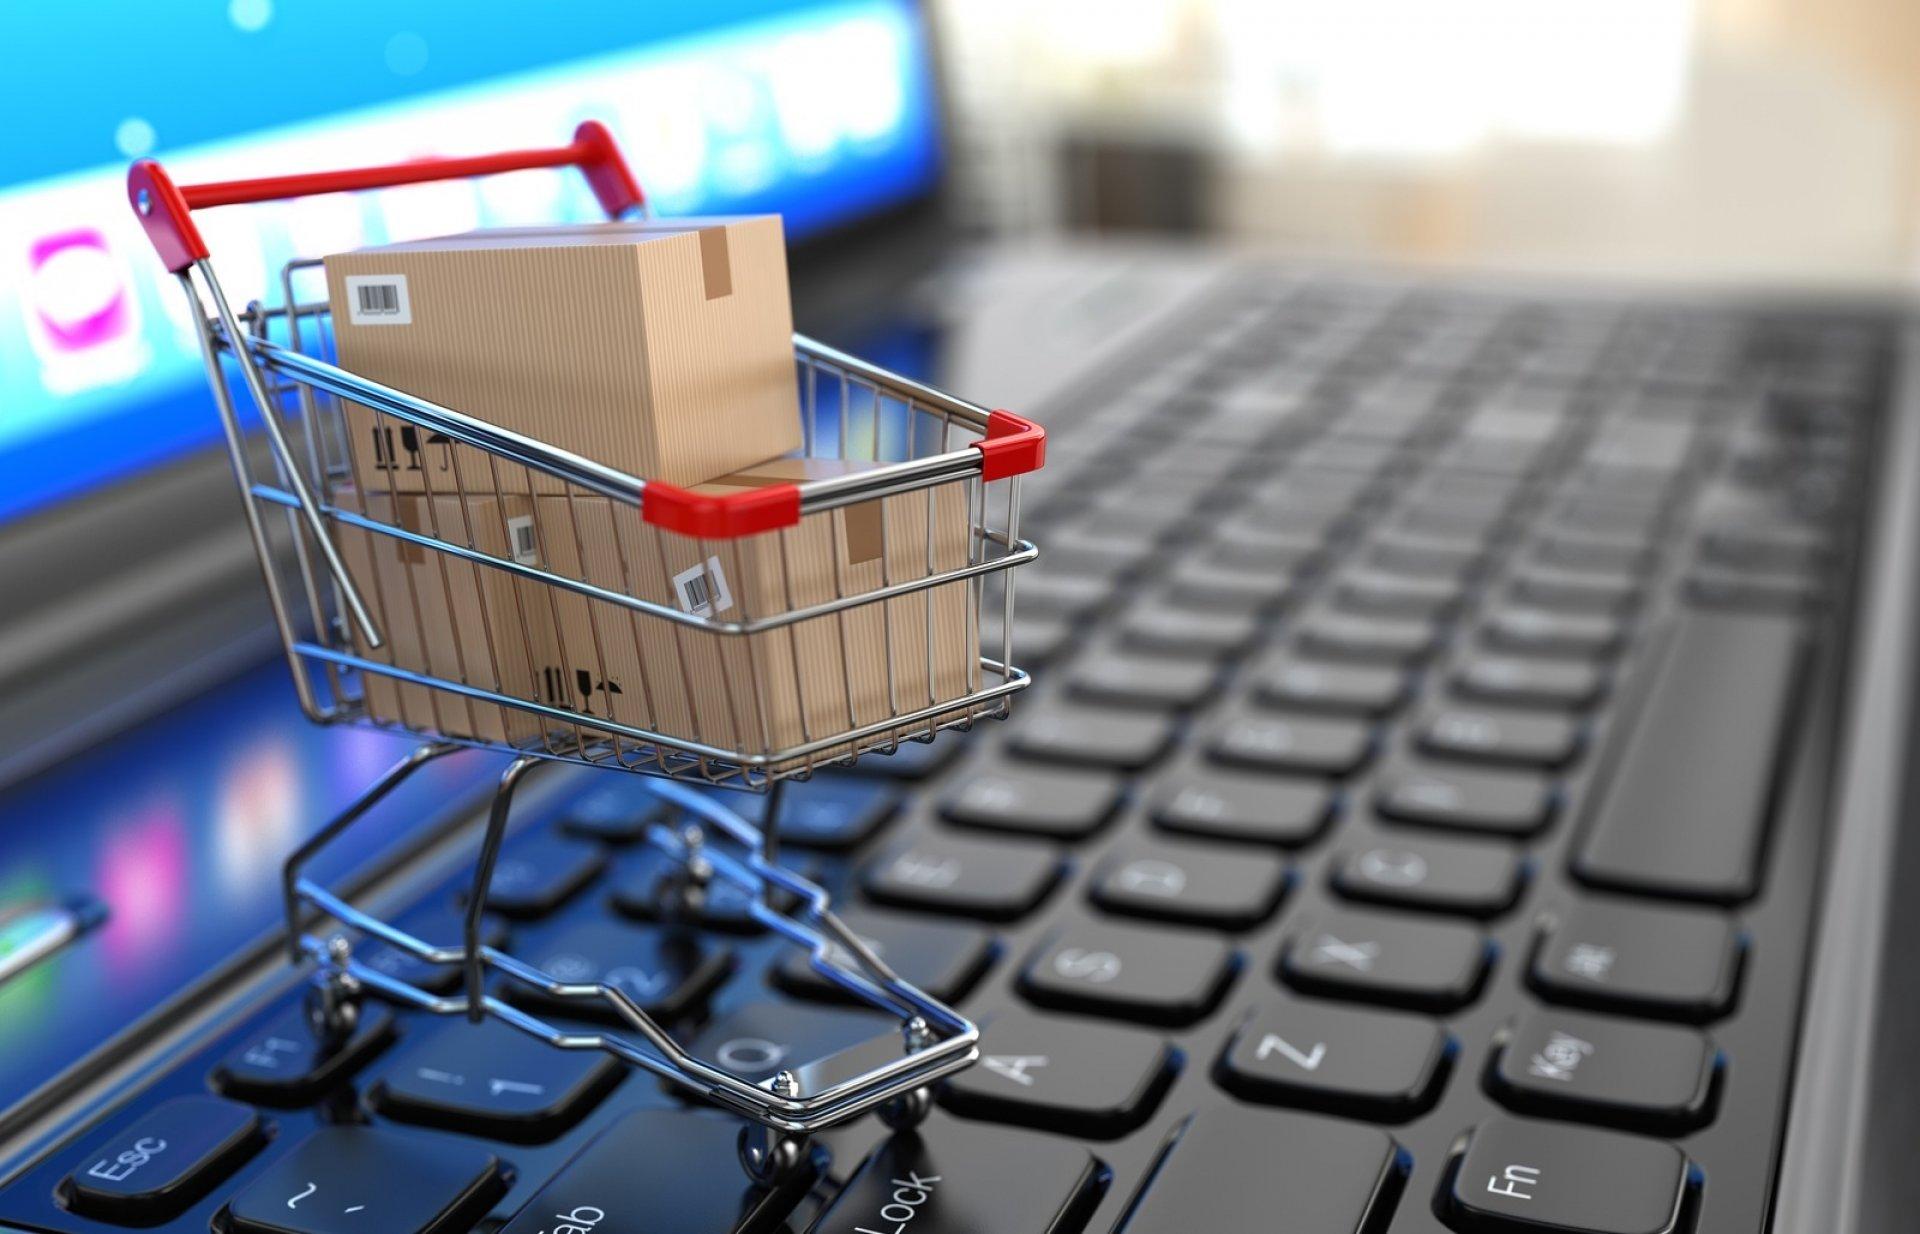 РФ в 5 раз понизит порог беспошлинной интернет-торговли